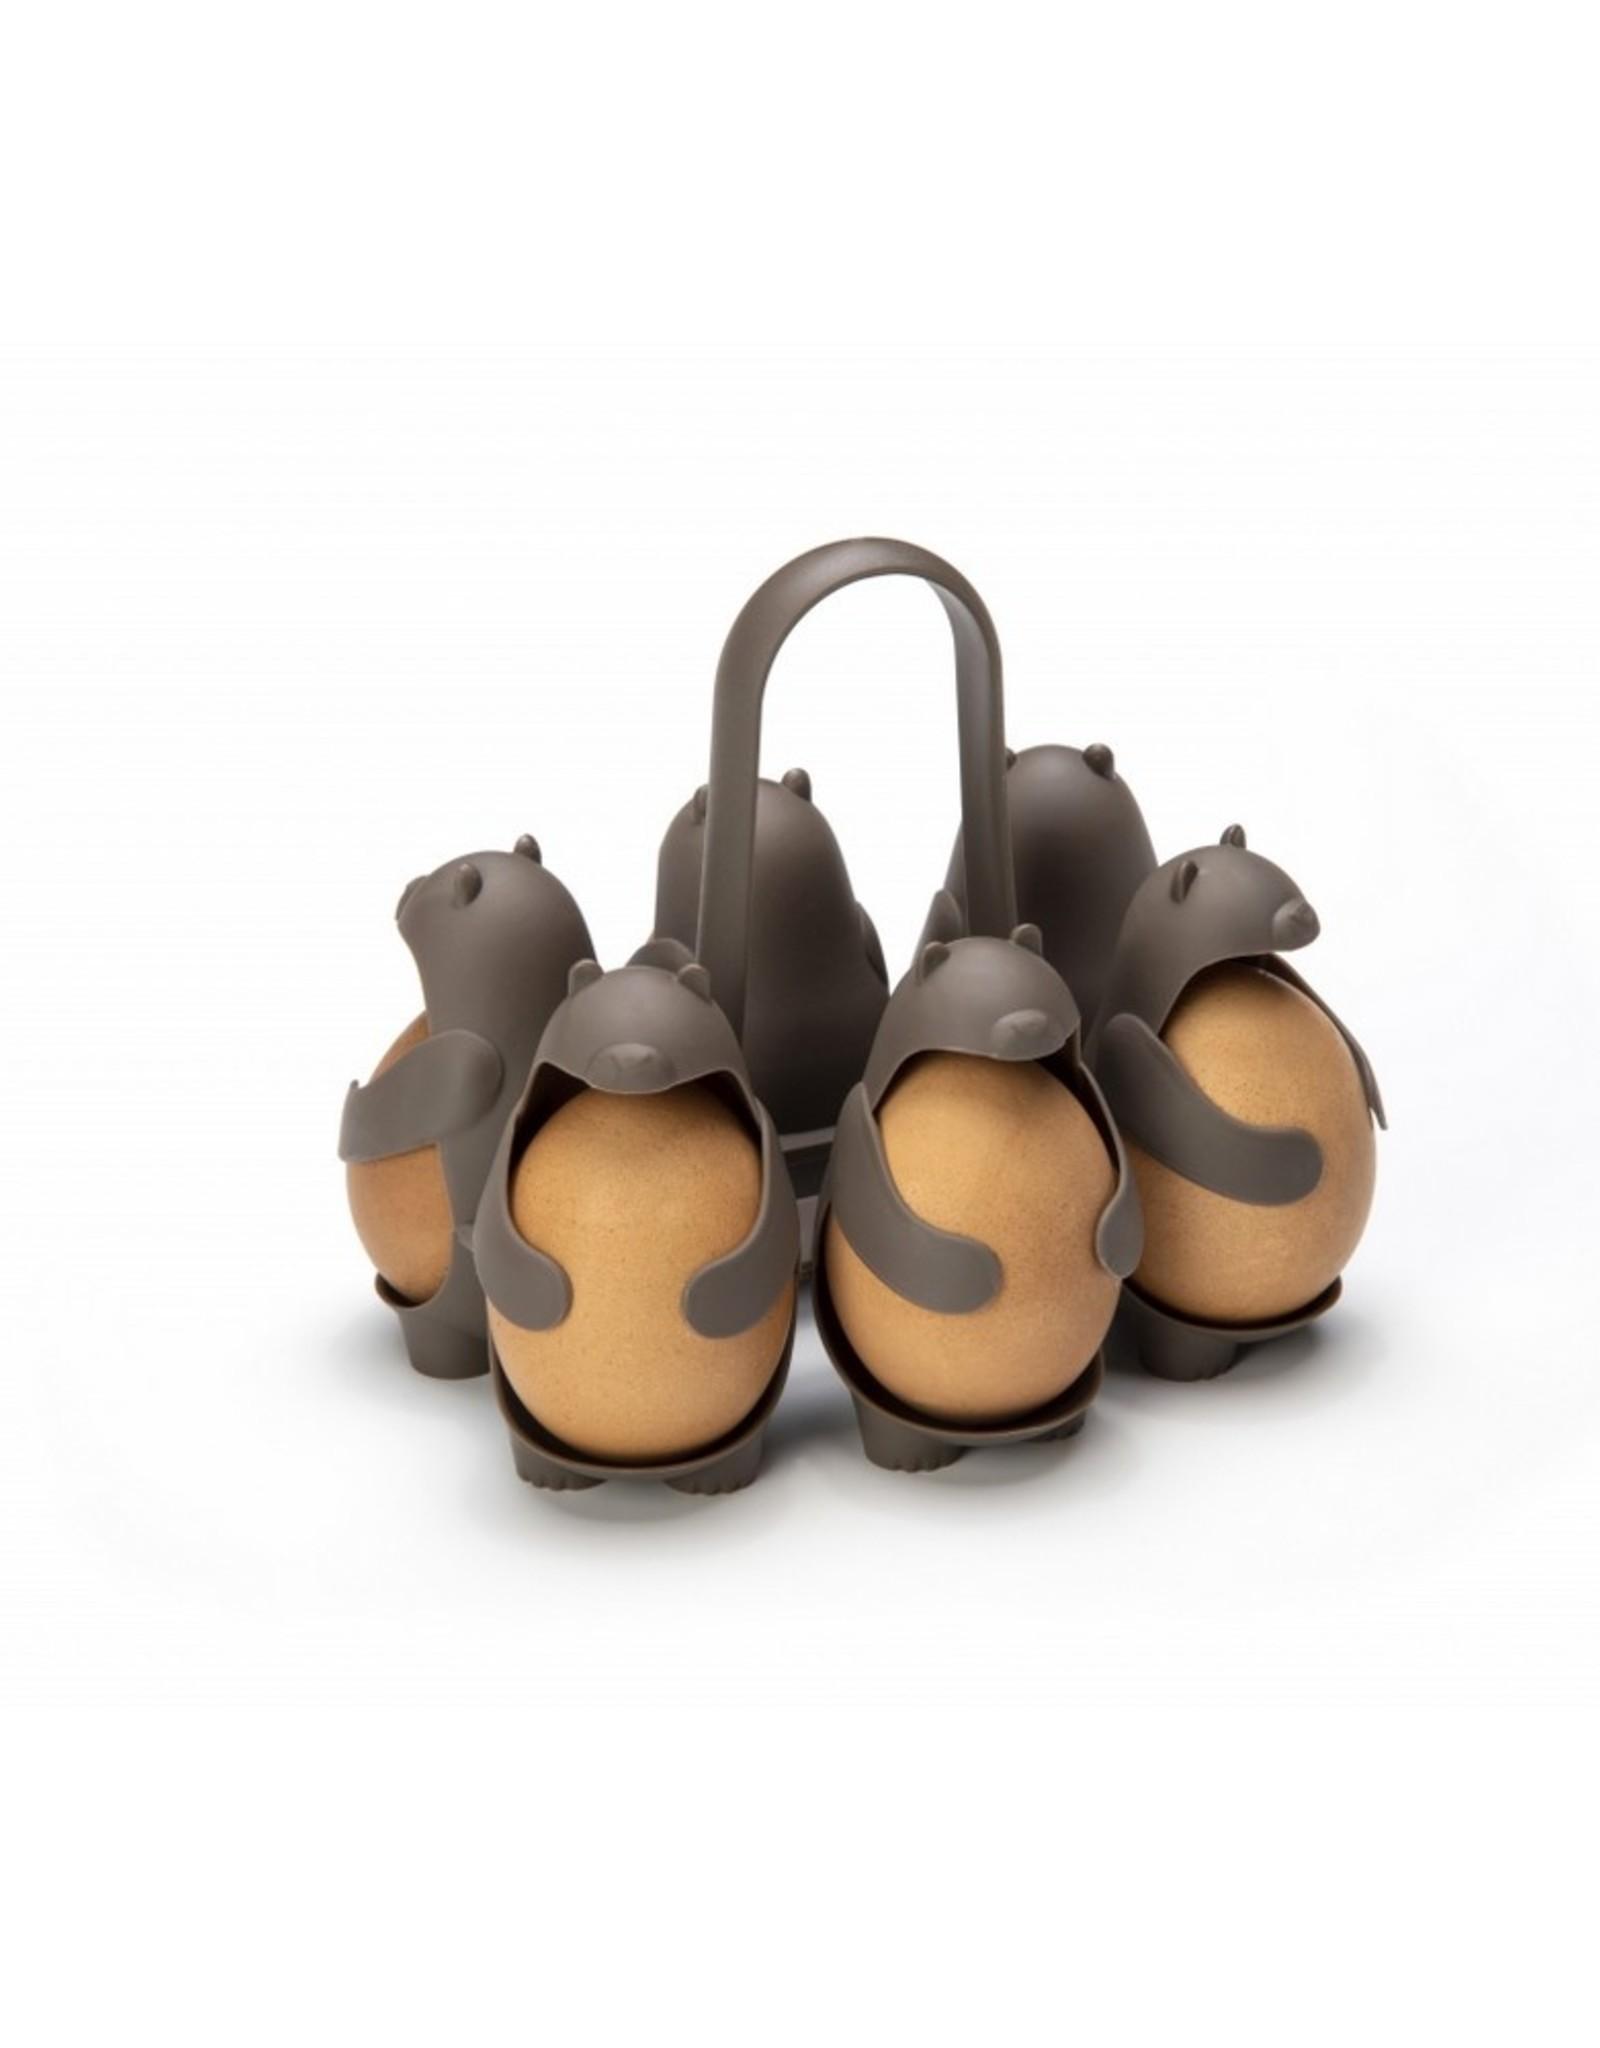 Peleg Design Houder Eieren Eggbears